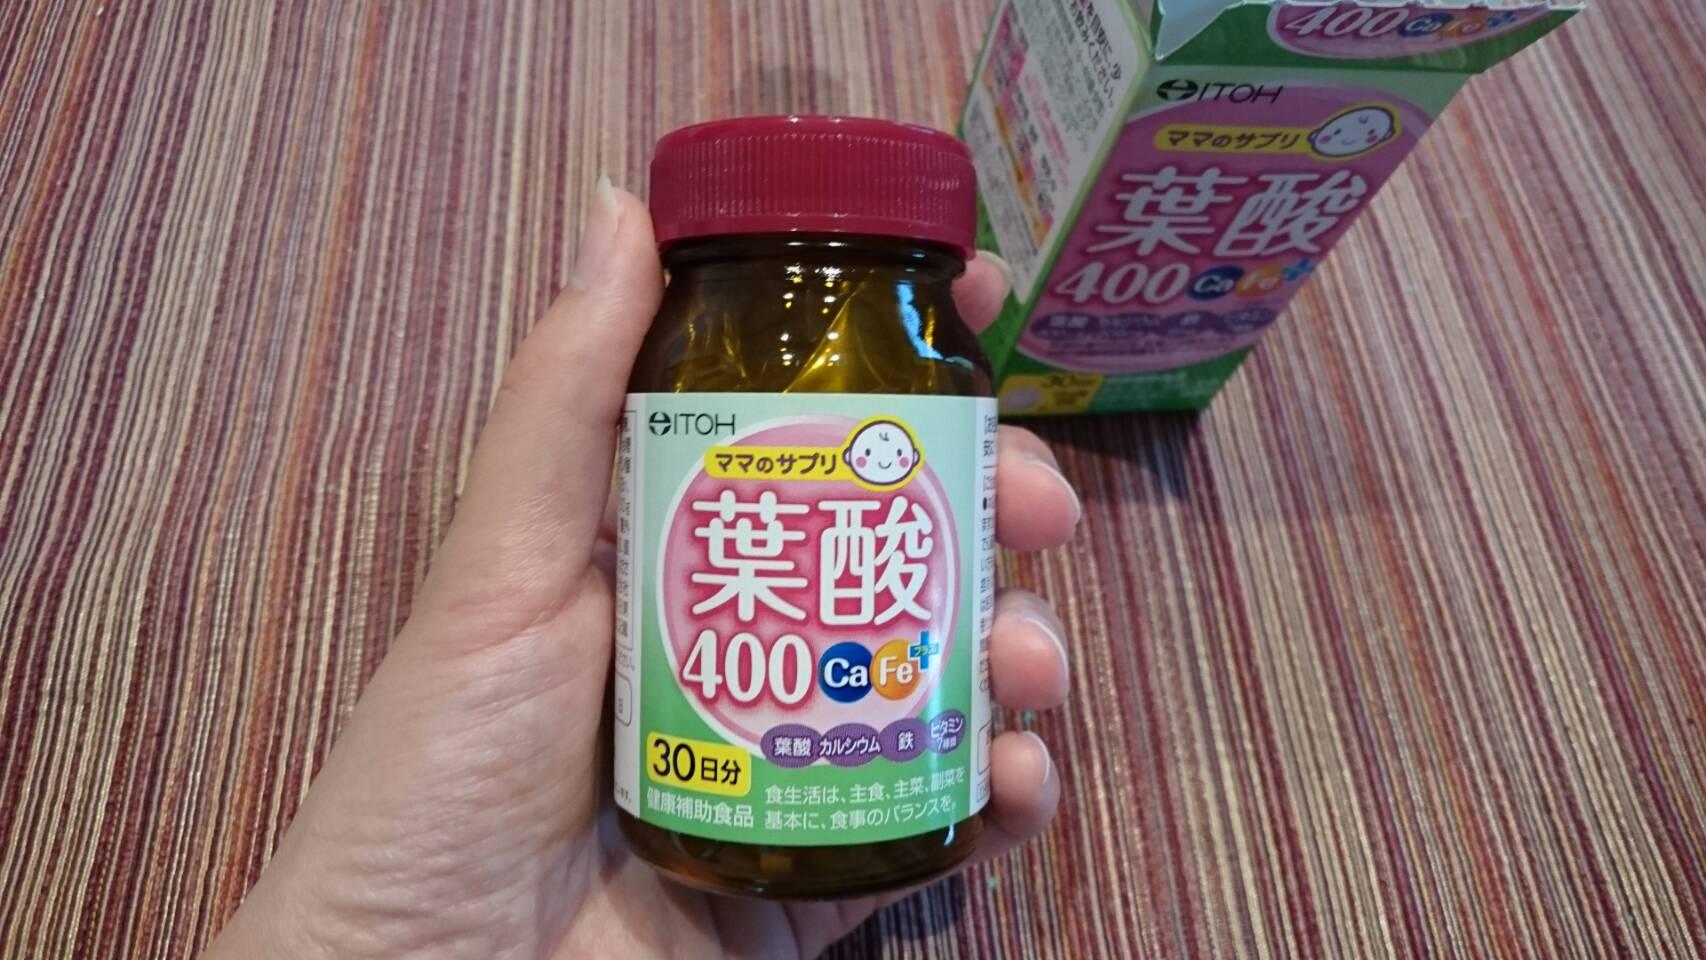 葉酸400 ca・feプラスの瓶